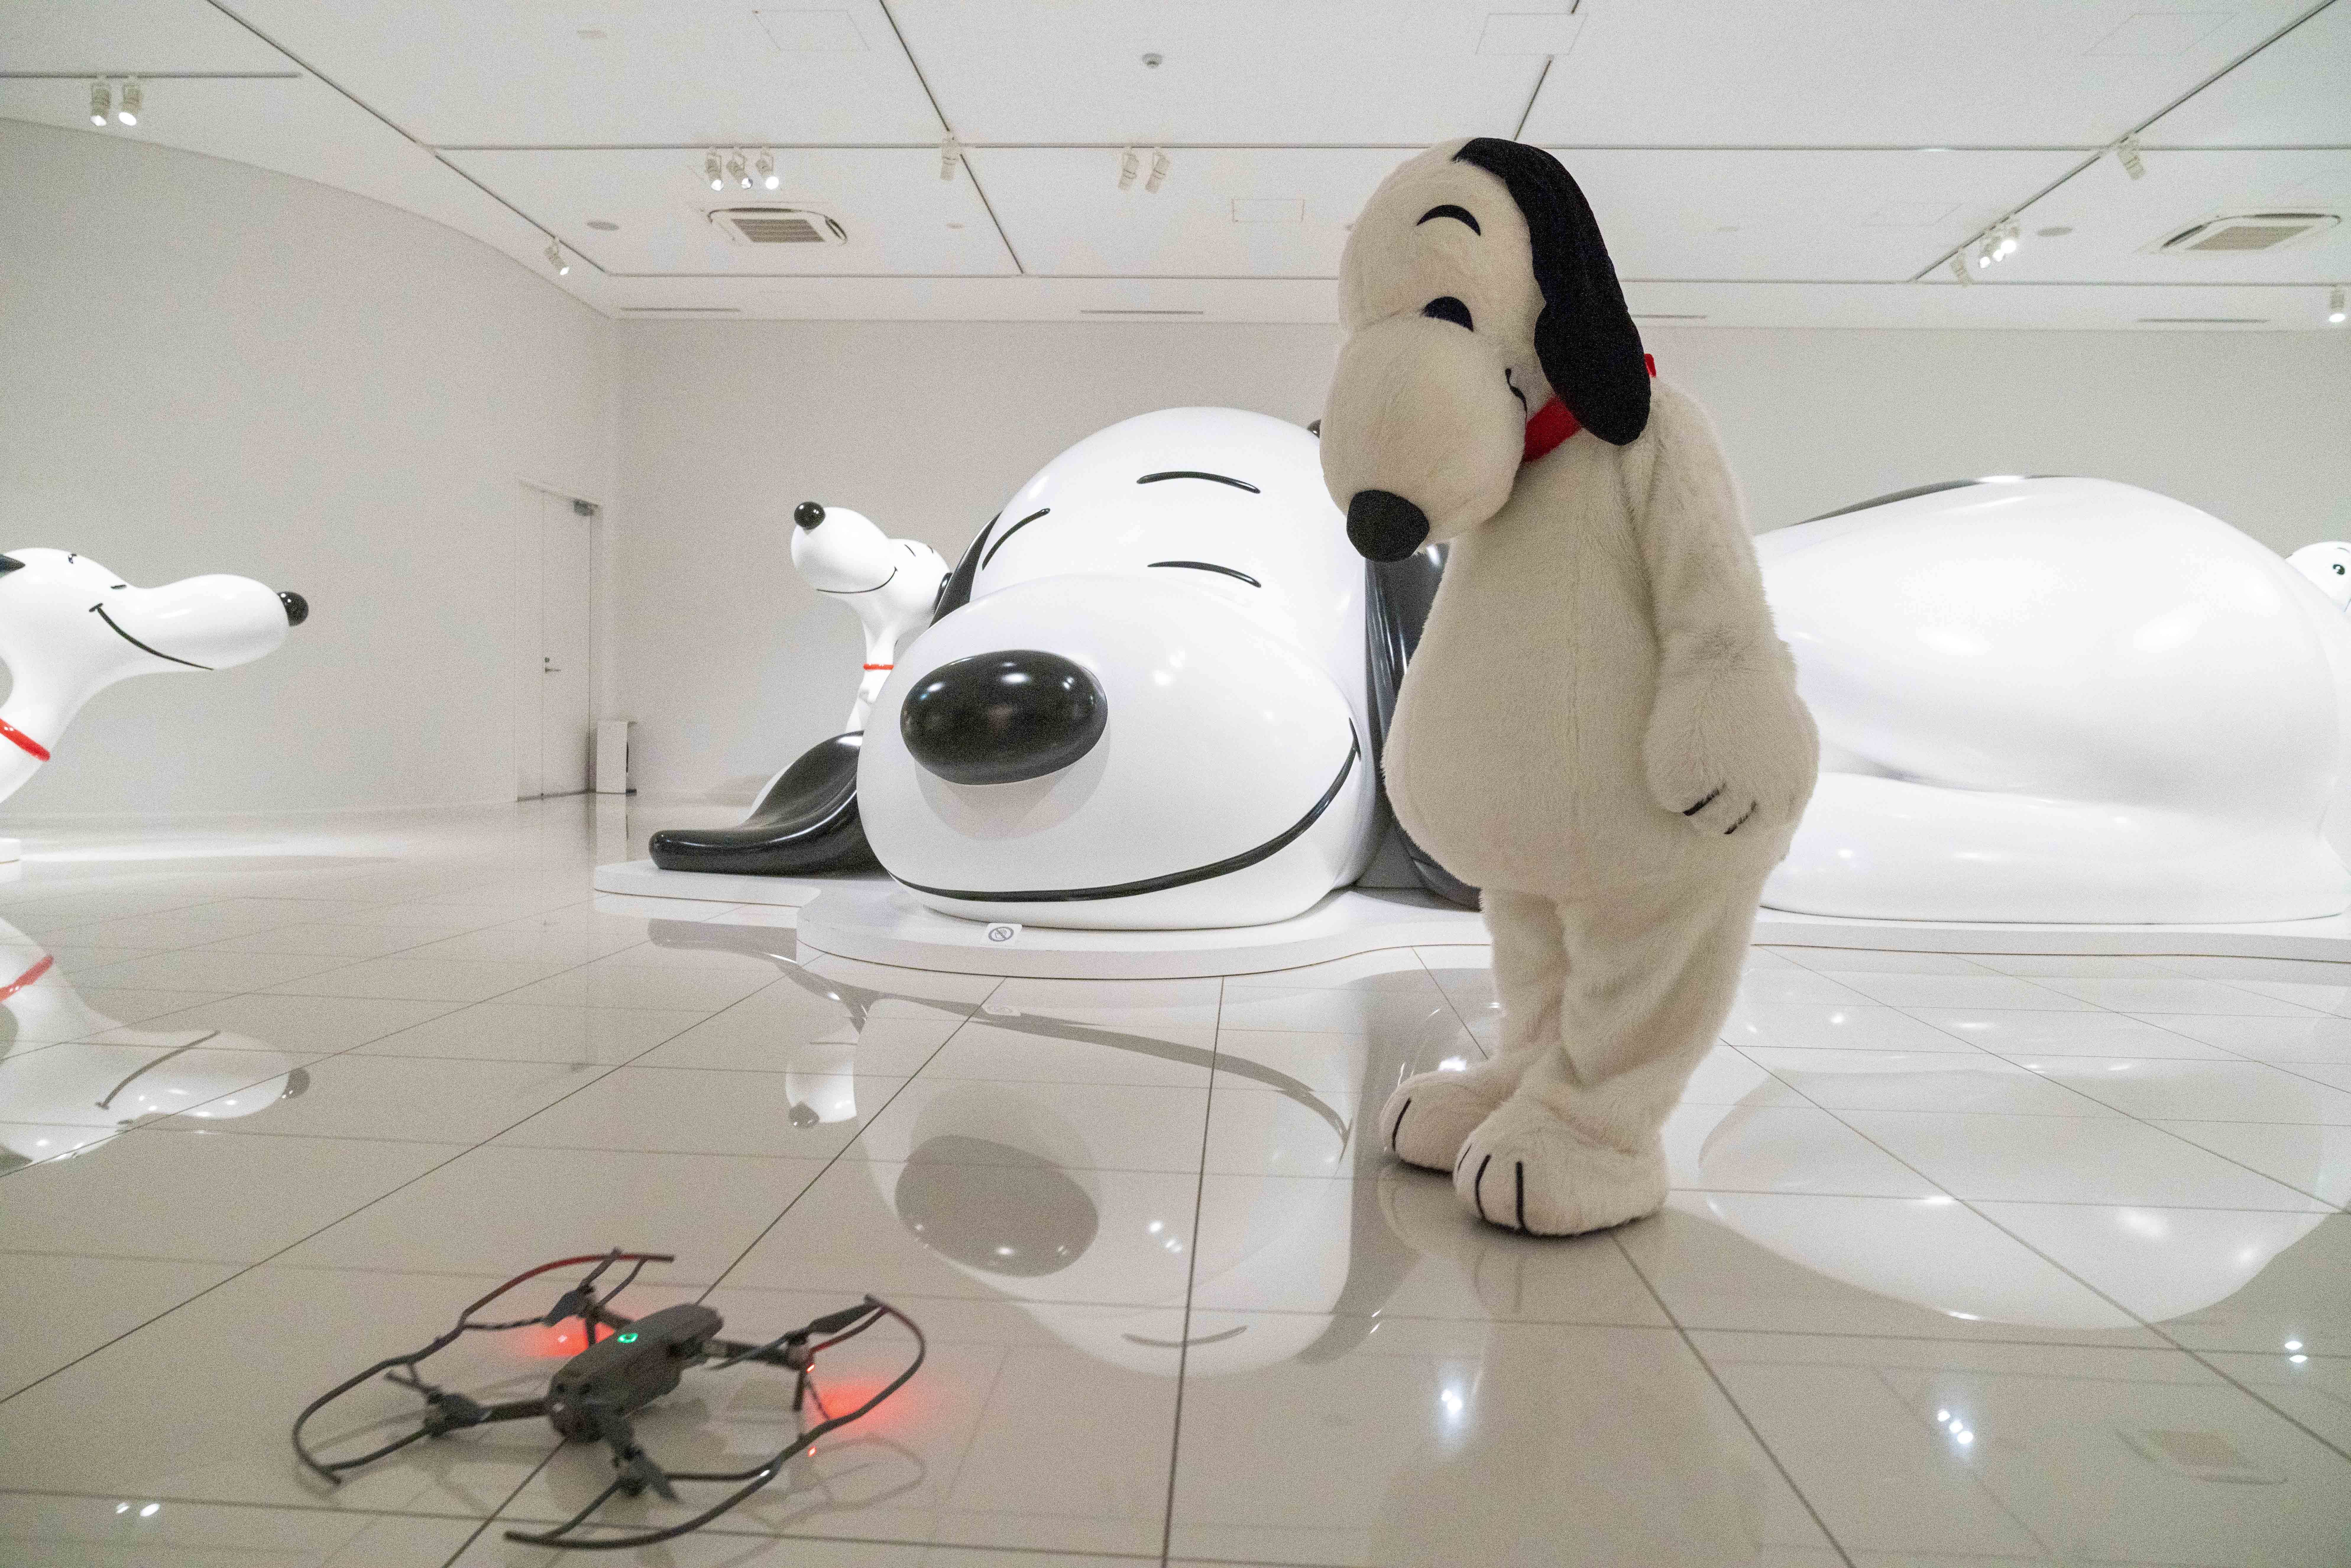 ドローンで上方から展示室を眺めることも(オフィシャル提供) (C) Peanuts Worldwide LLC